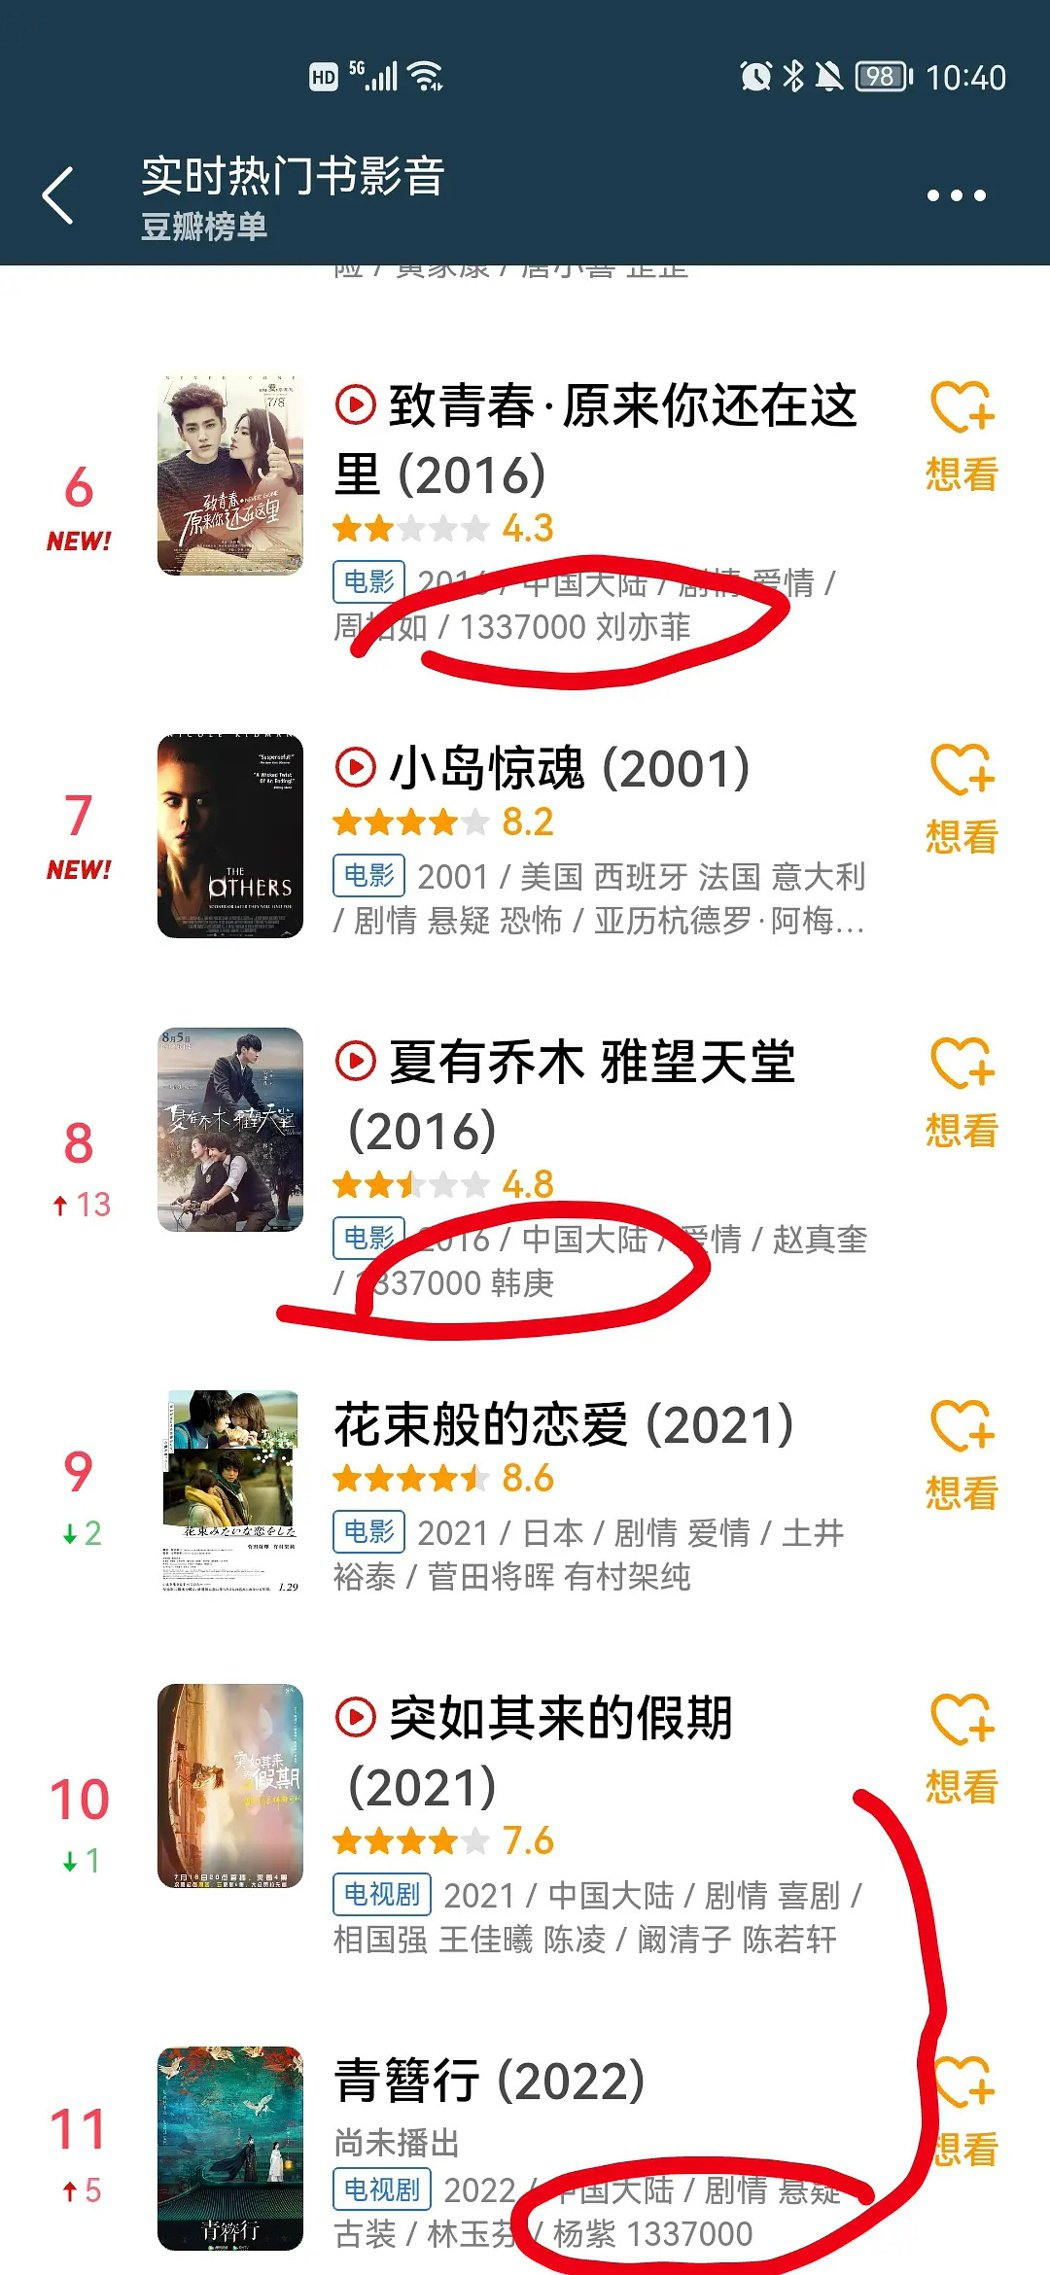 網友還發現在豆瓣上搜尋吳亦凡過往戲劇作品,吳亦凡的名字變成一個編號1337000...